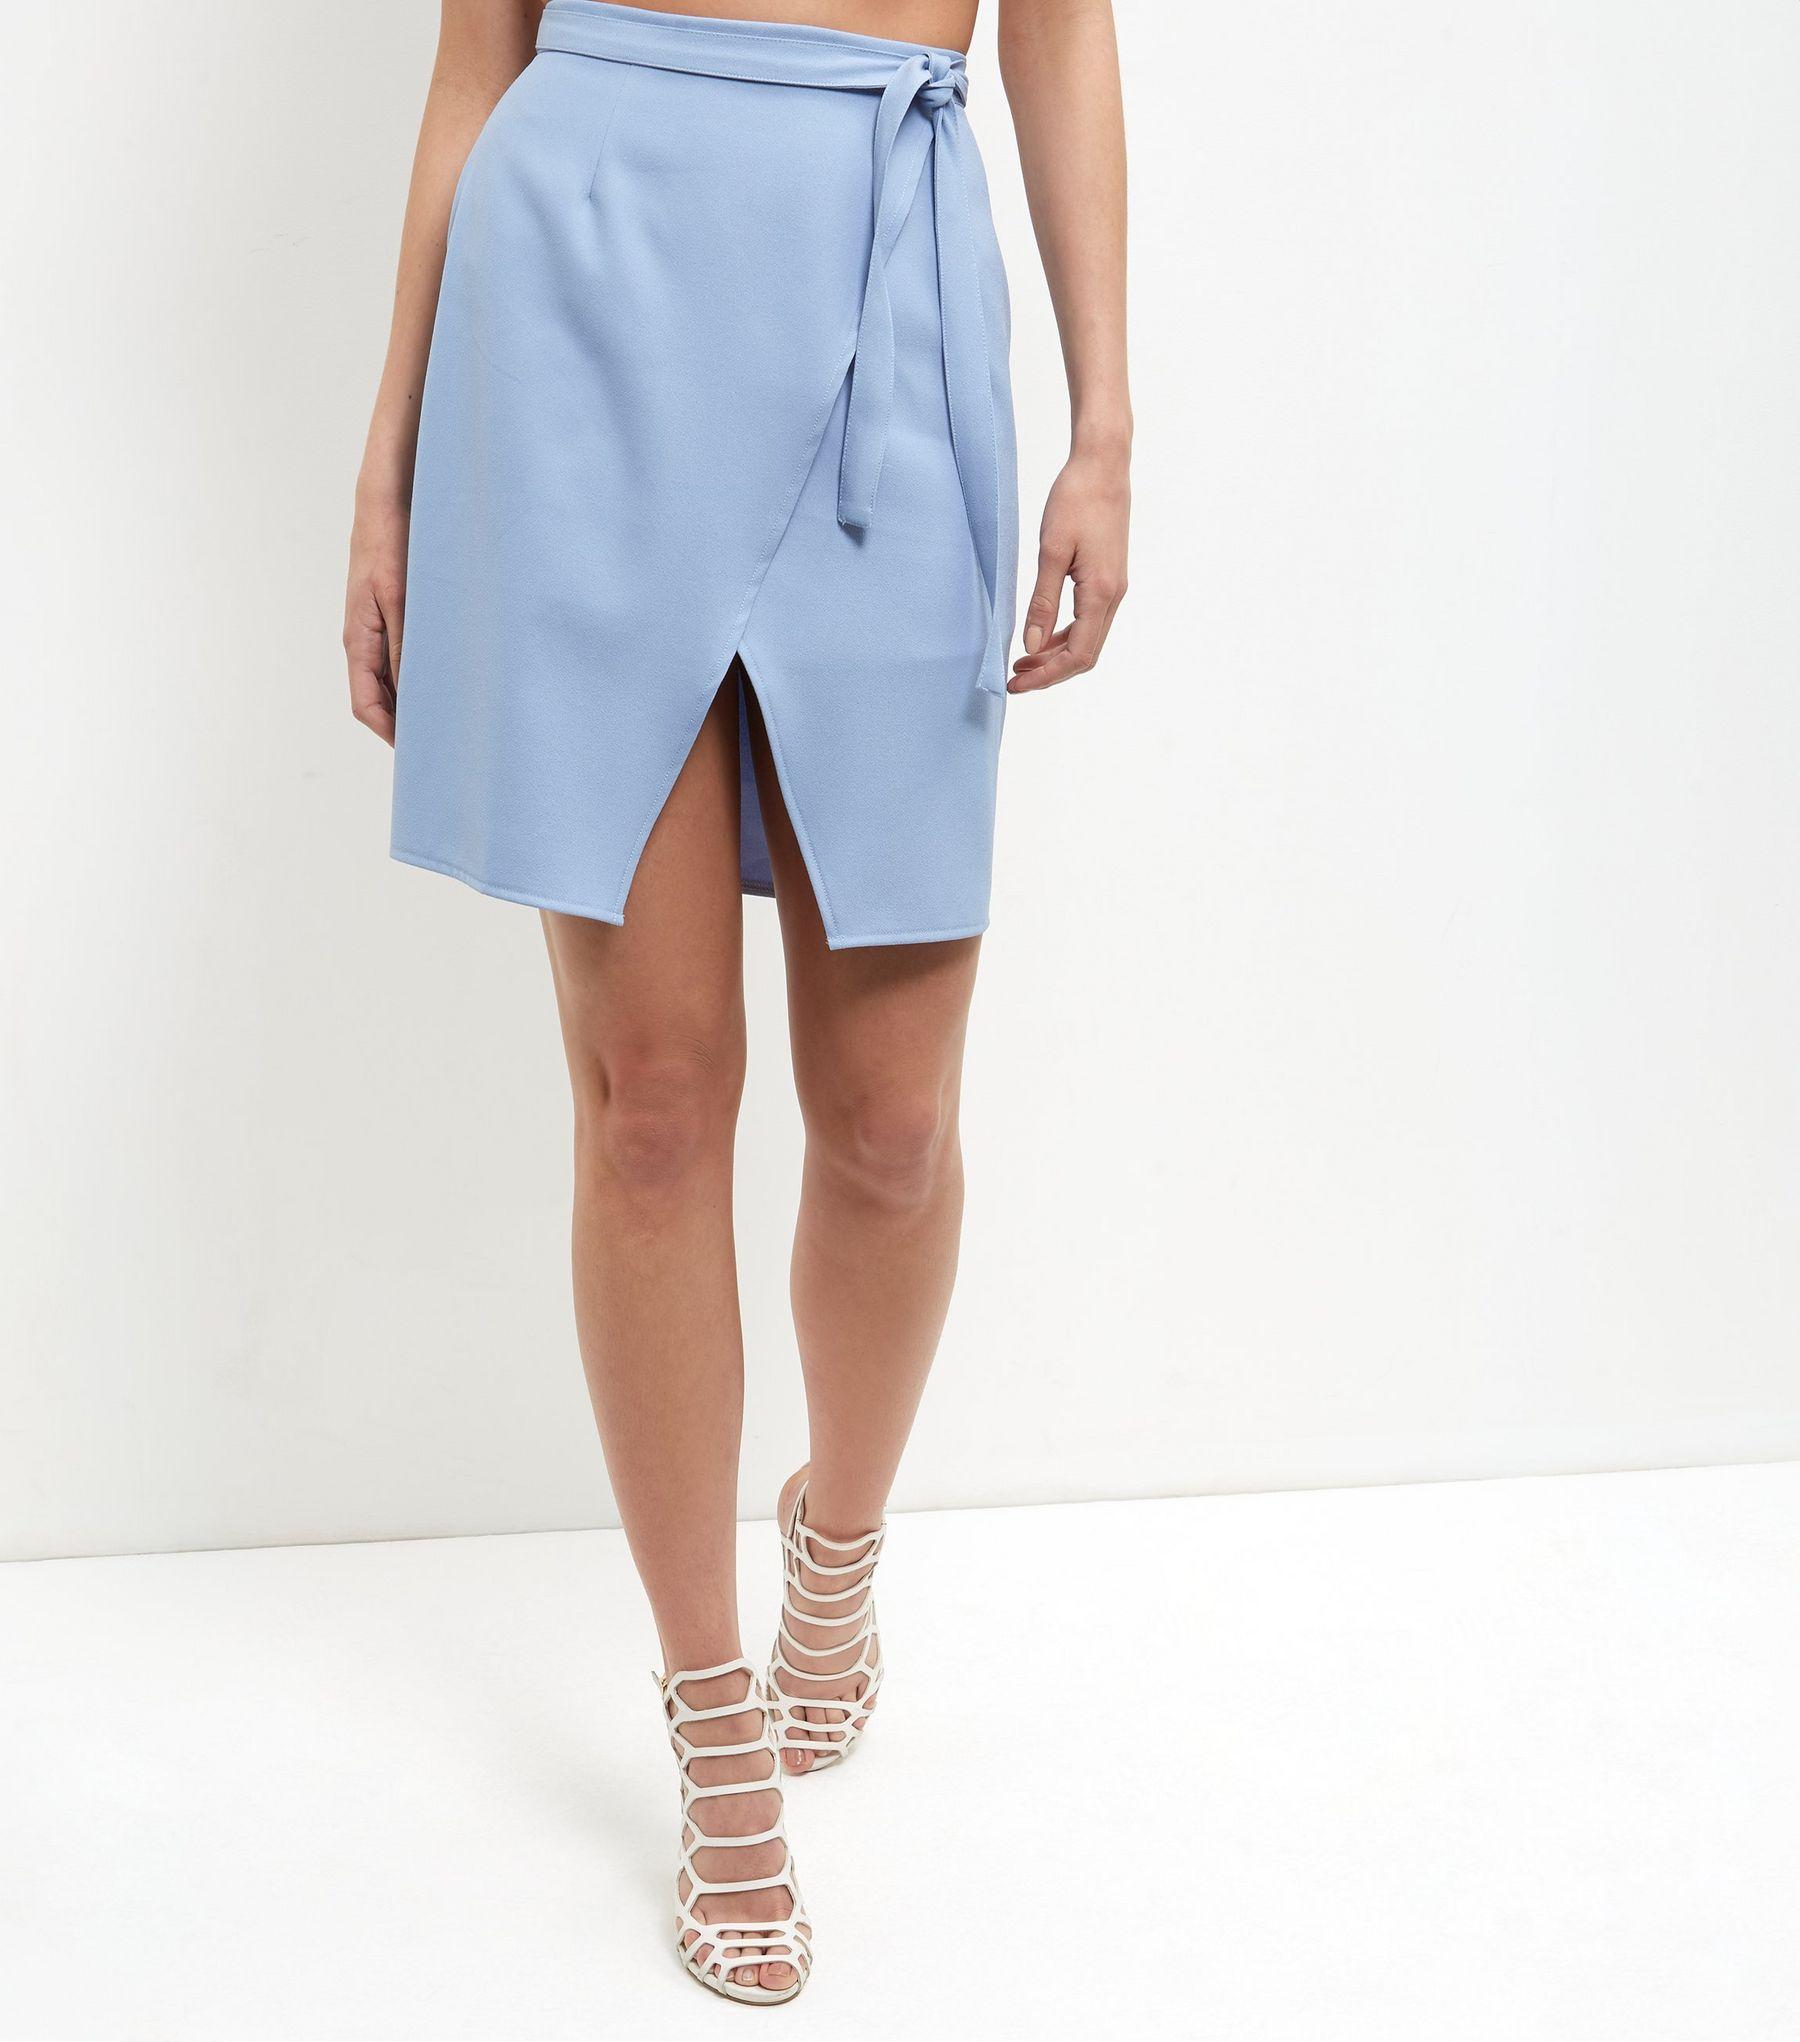 Jupe portefeuille bleu pâle avec liens à nouer | New Look